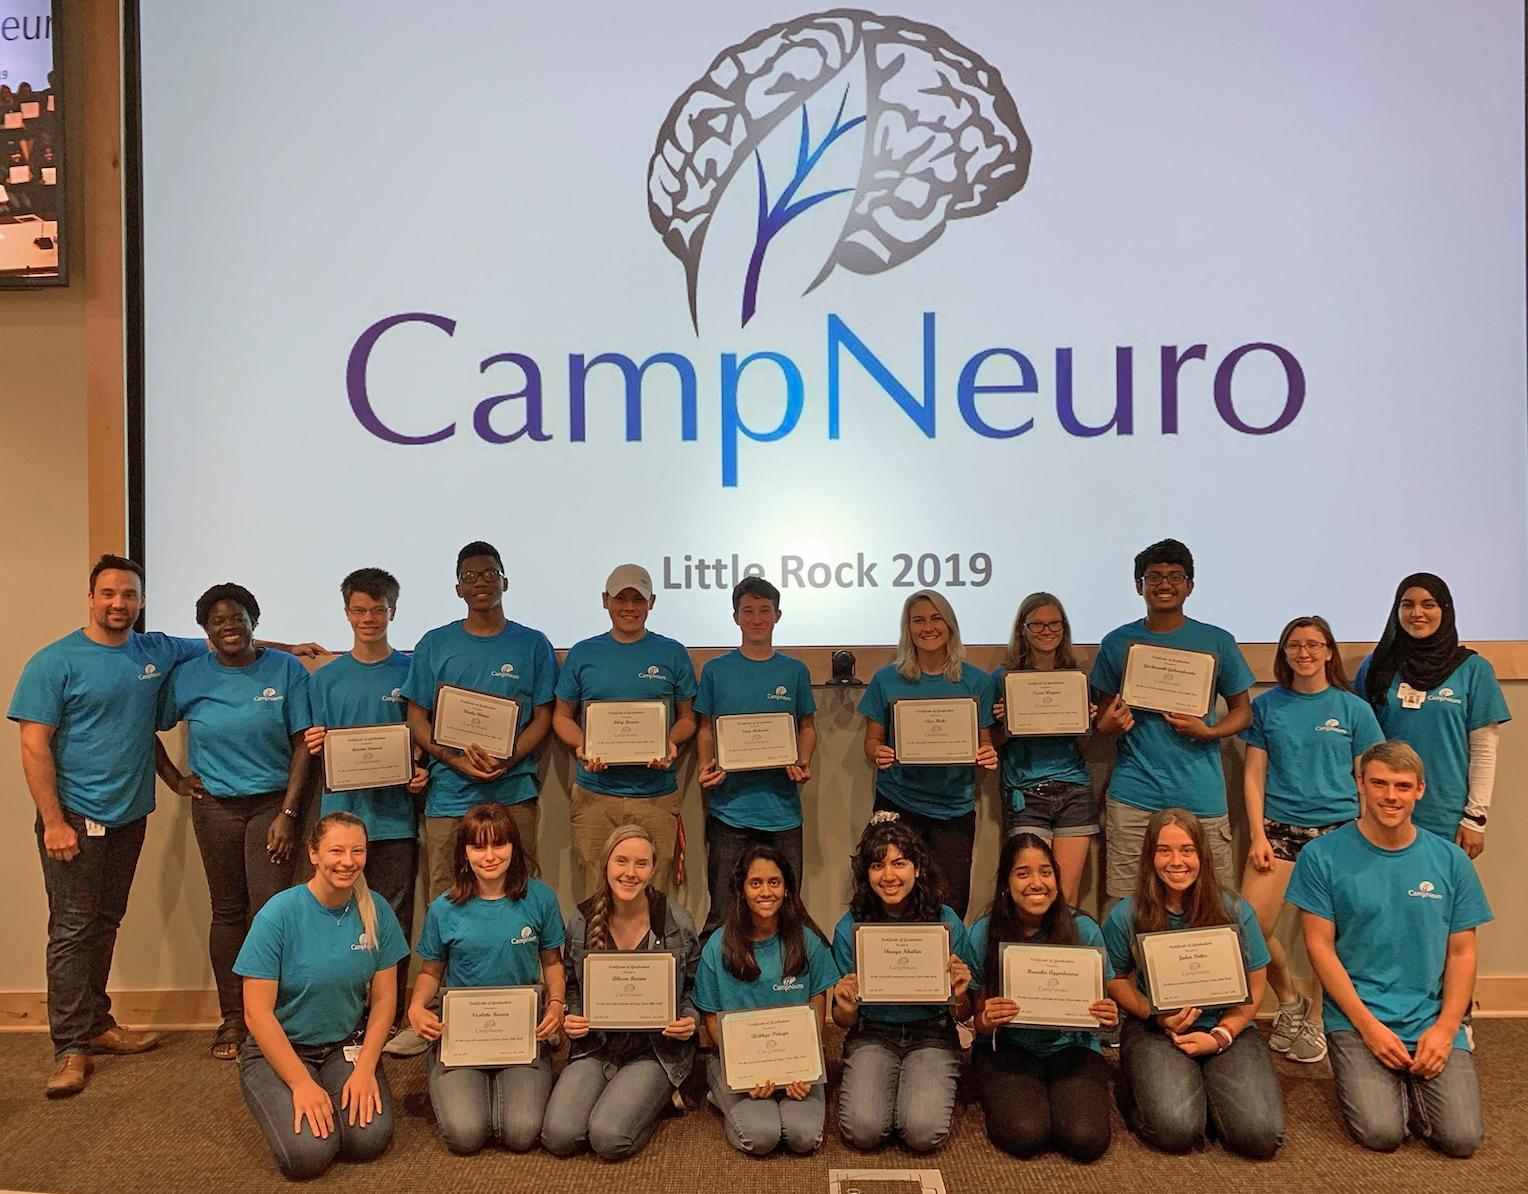 Group shot of CampNeuro participants